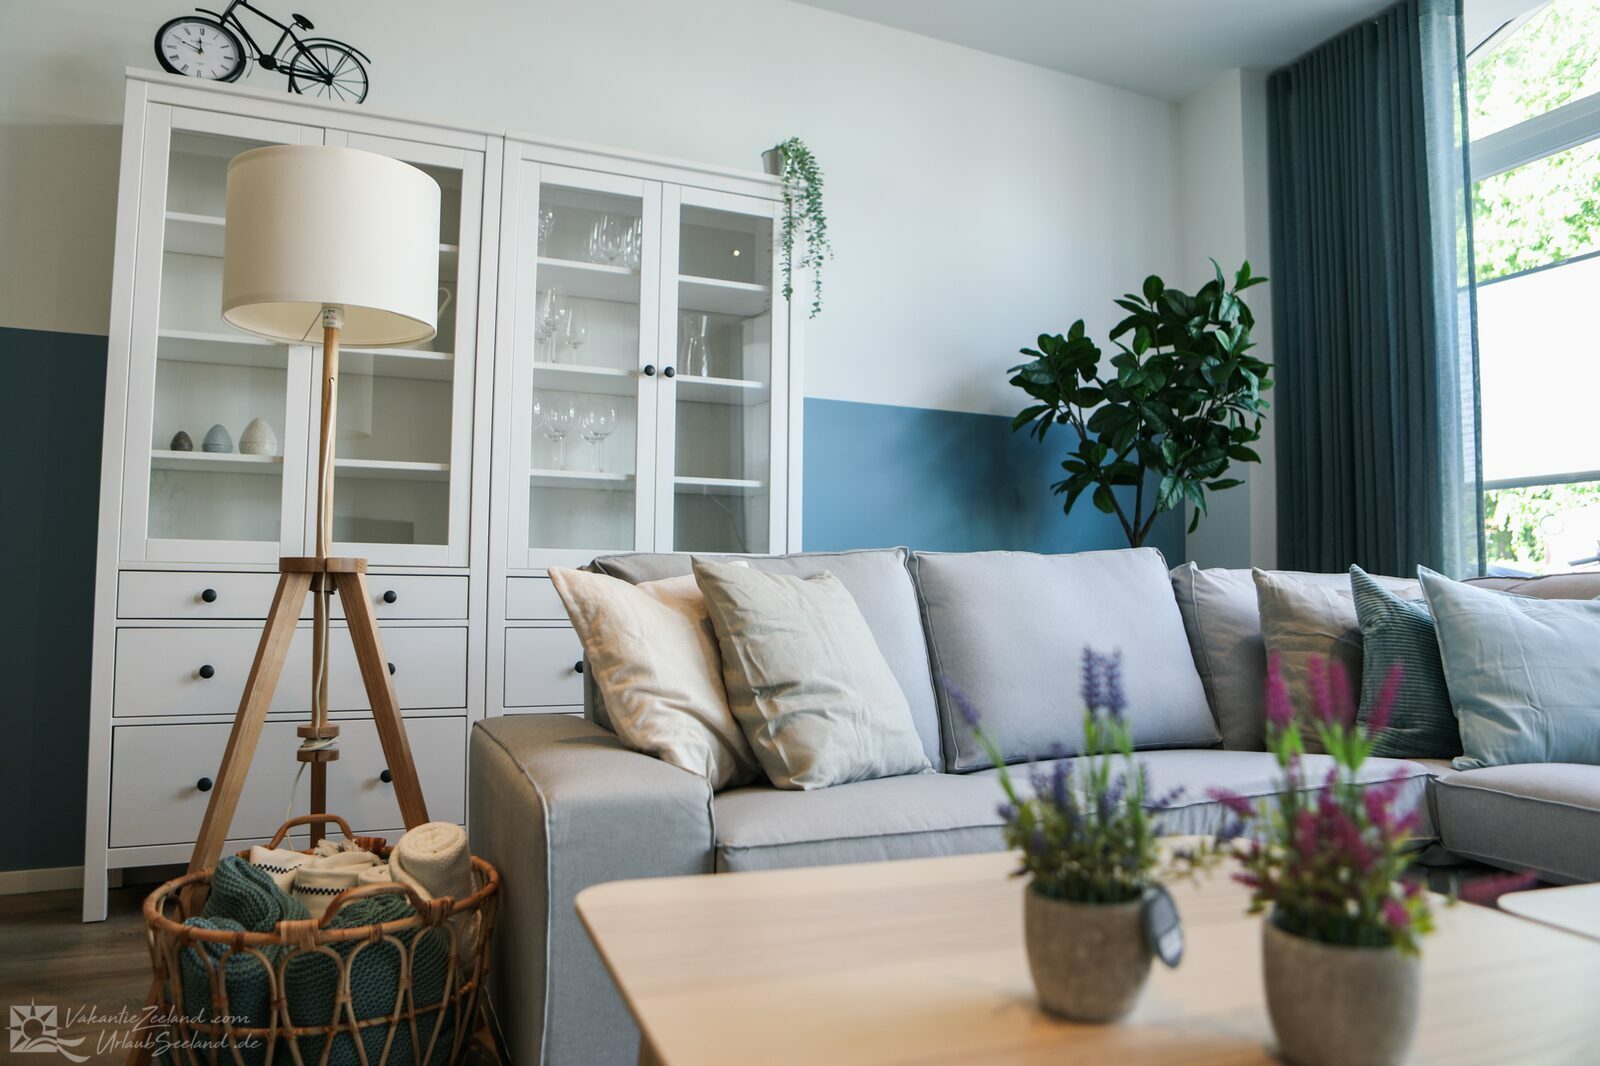 VZ1042 Vakantieappartement in Yerseke